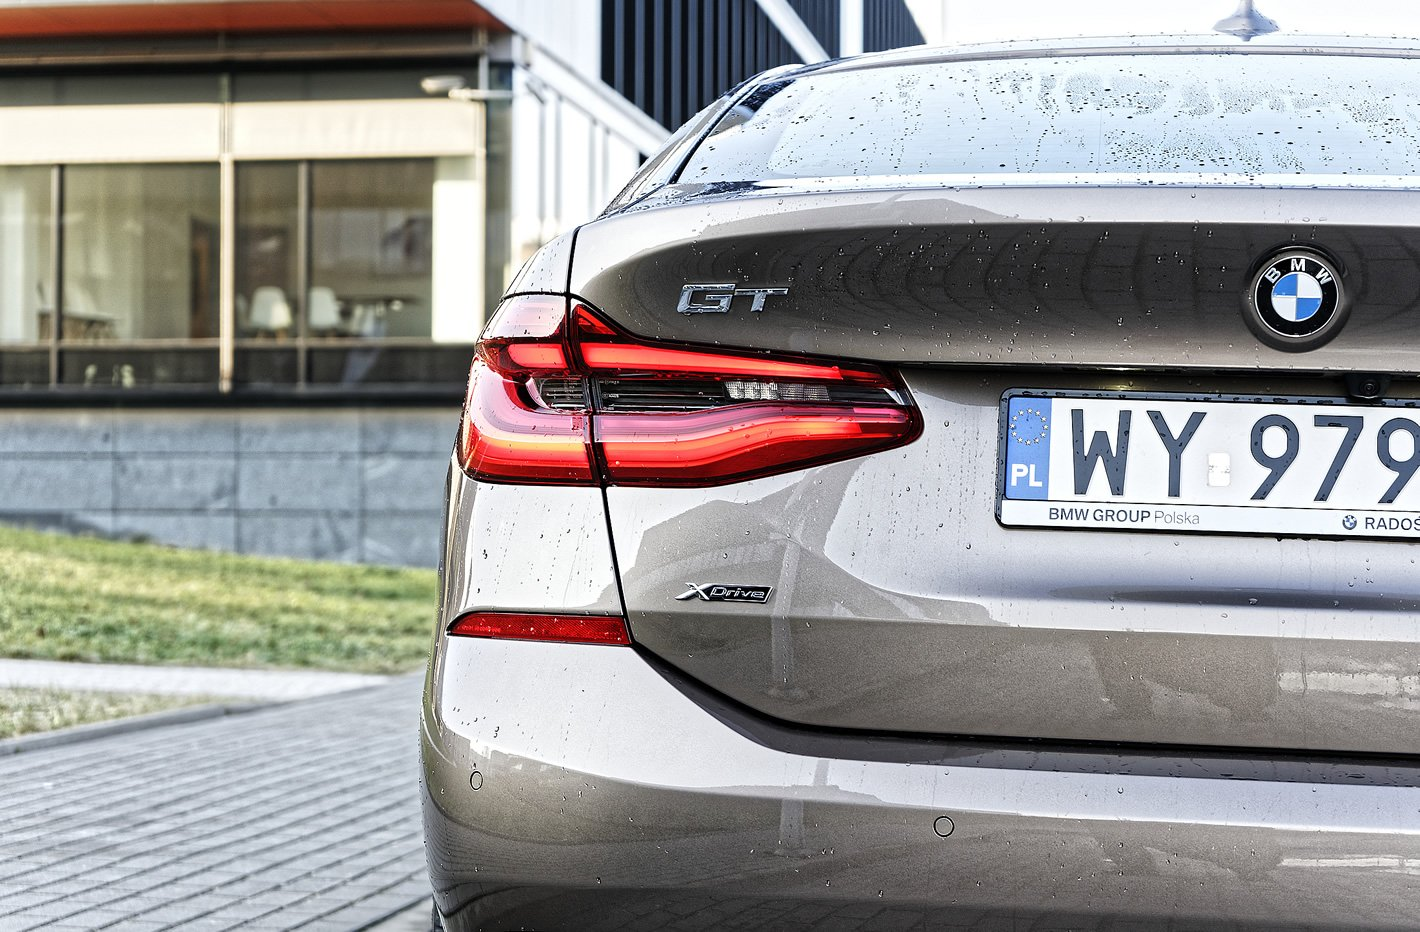 BMW Serii 6 Gran Turismo - tylny reflektor